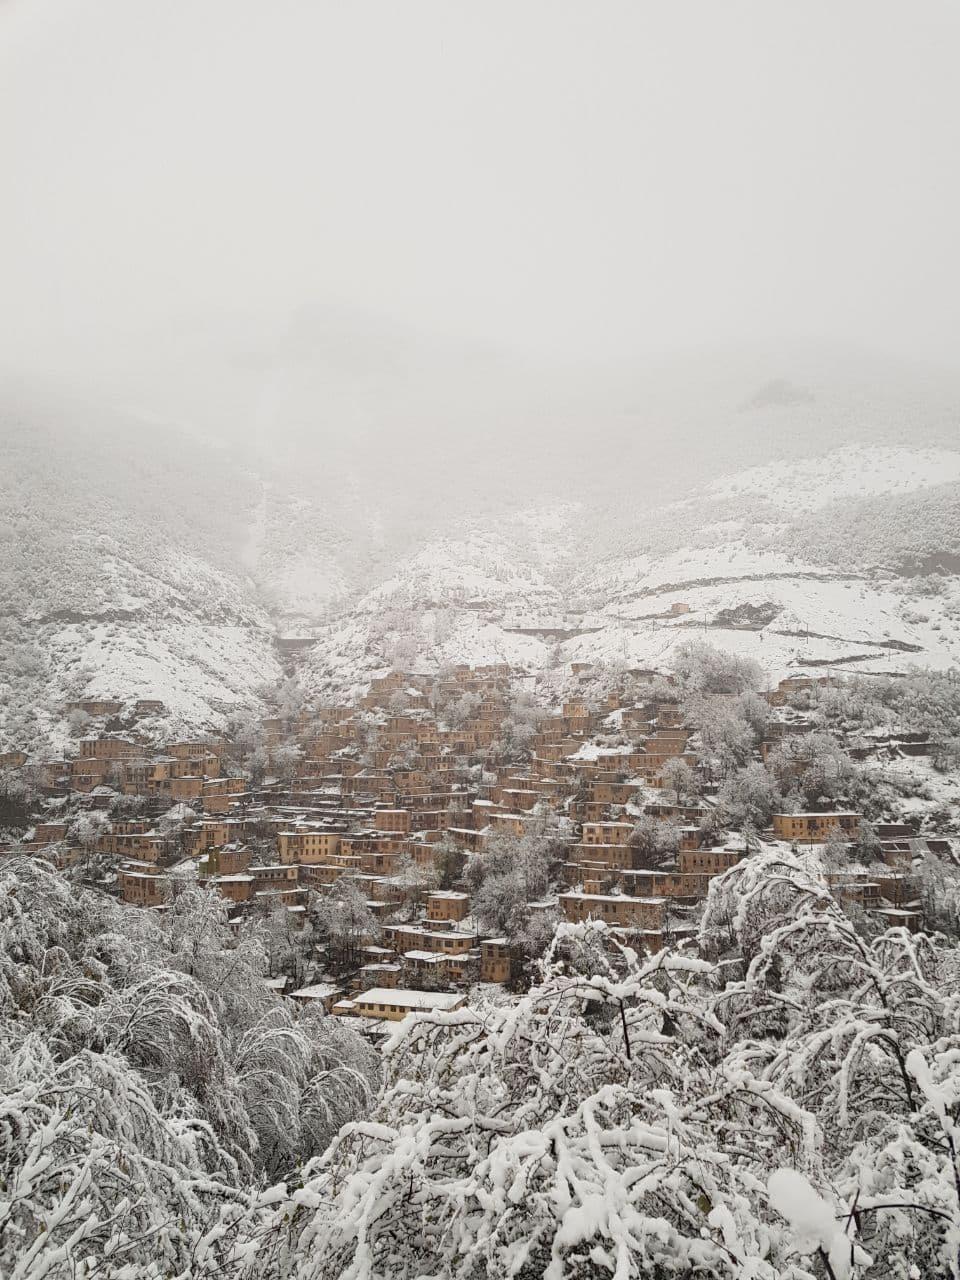 طبیعت زیبای برفی ماسوله